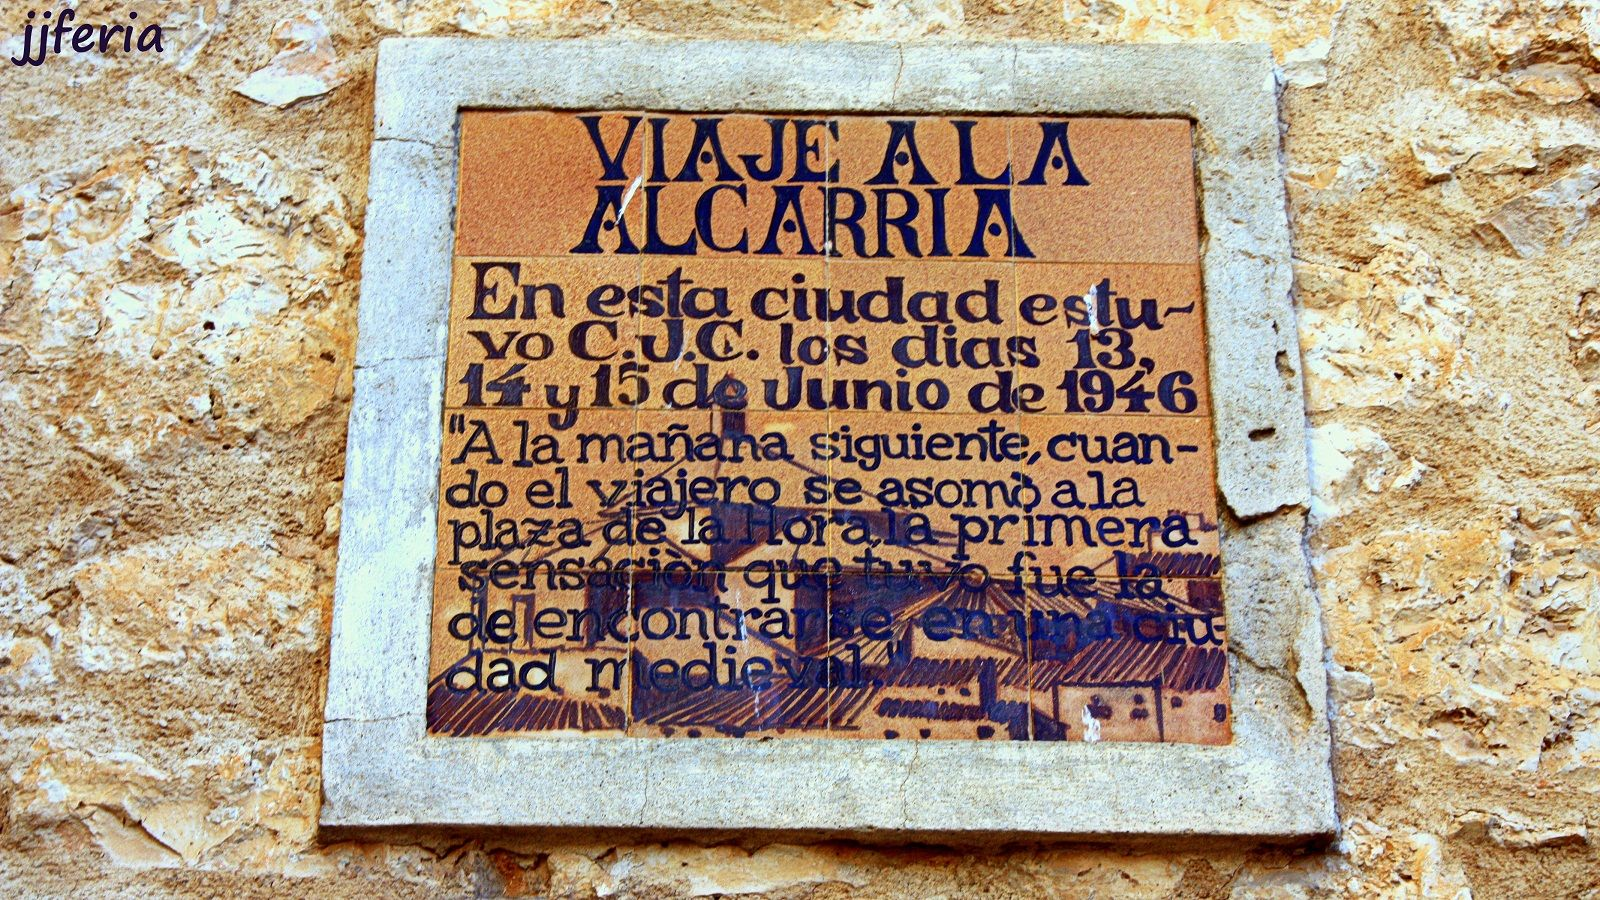 Placa conmemorativa del paso de Camilo J. Cela por Pastrana en su Viaje a La Alcarria (foto jjferia).